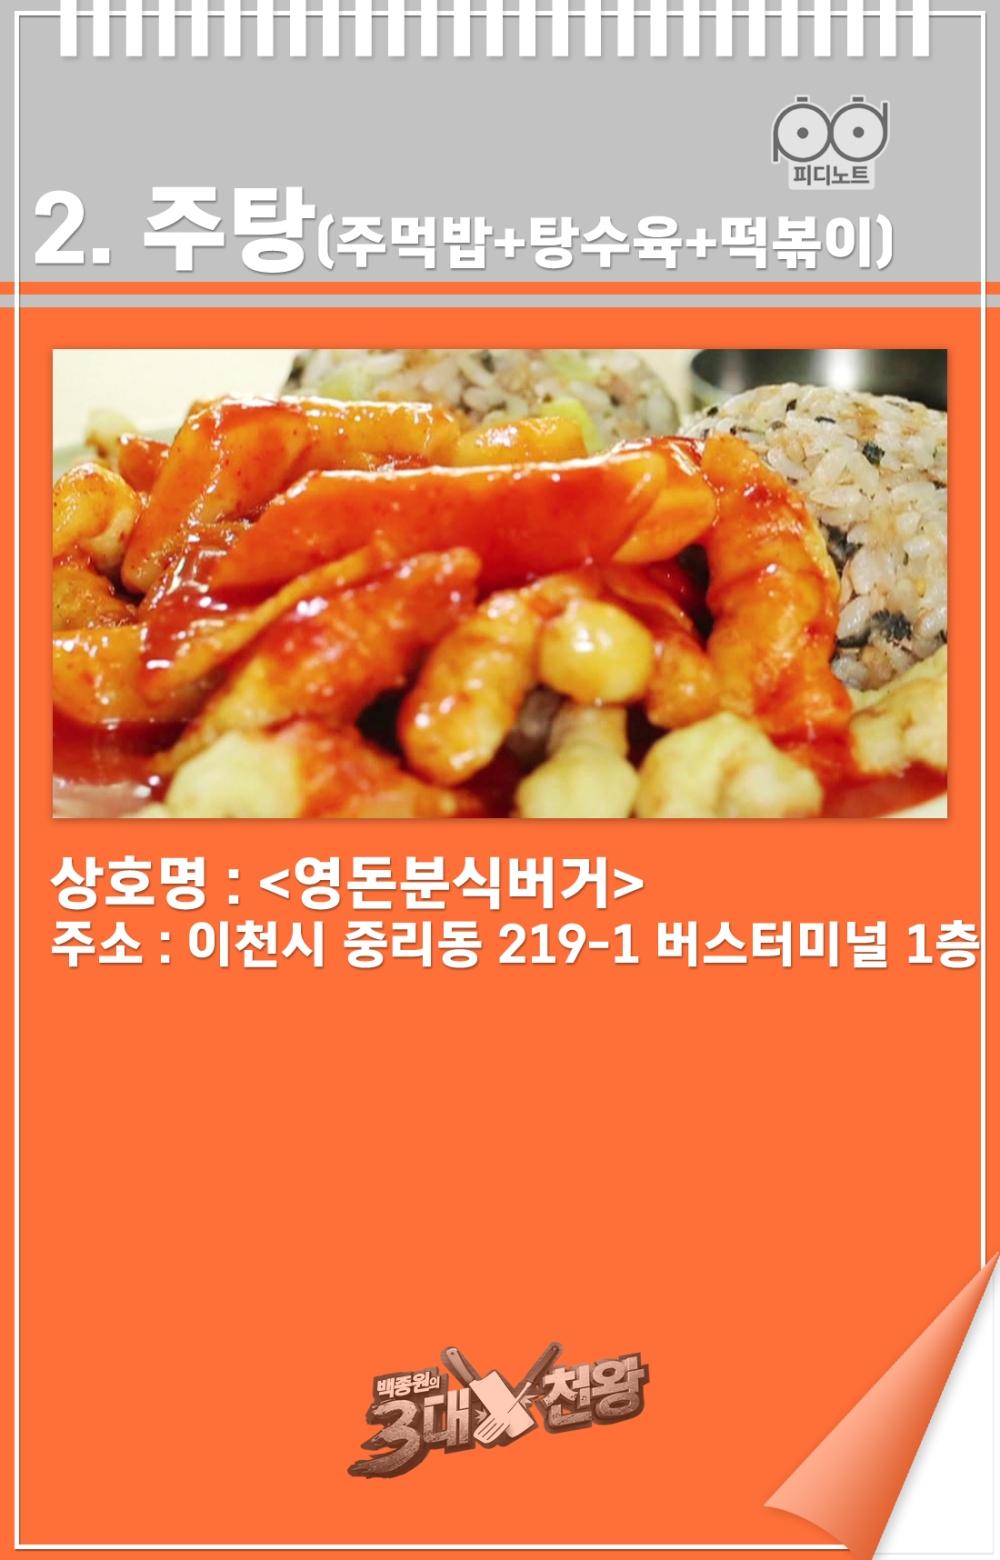 주탕영돈분식버거이천시중리동219-1버스터미널1층